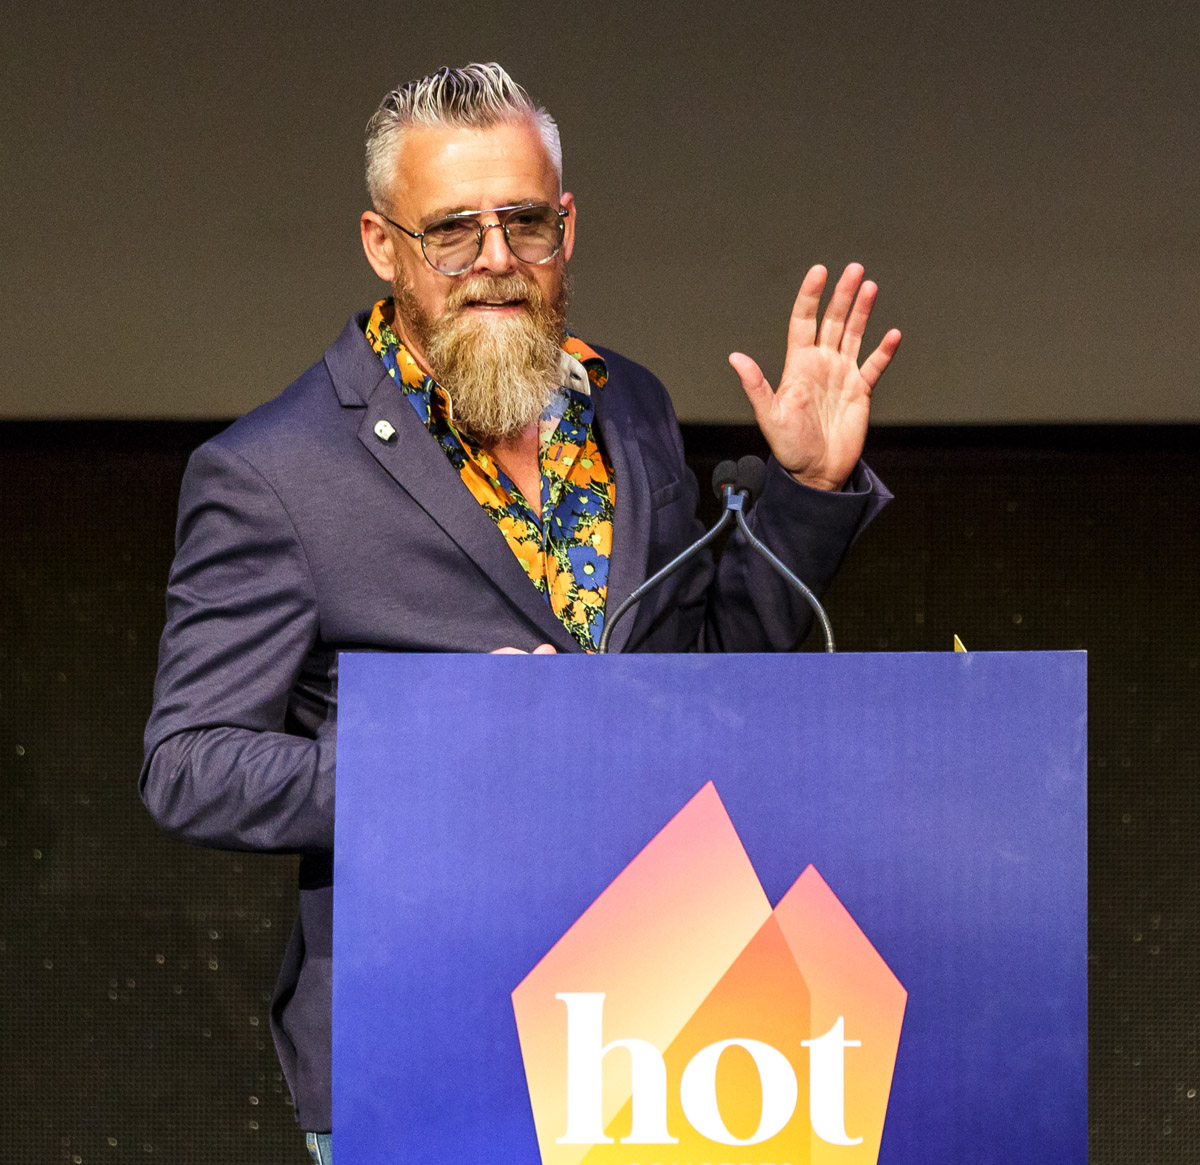 jose pinero ponente la revolucion de la hosteleria